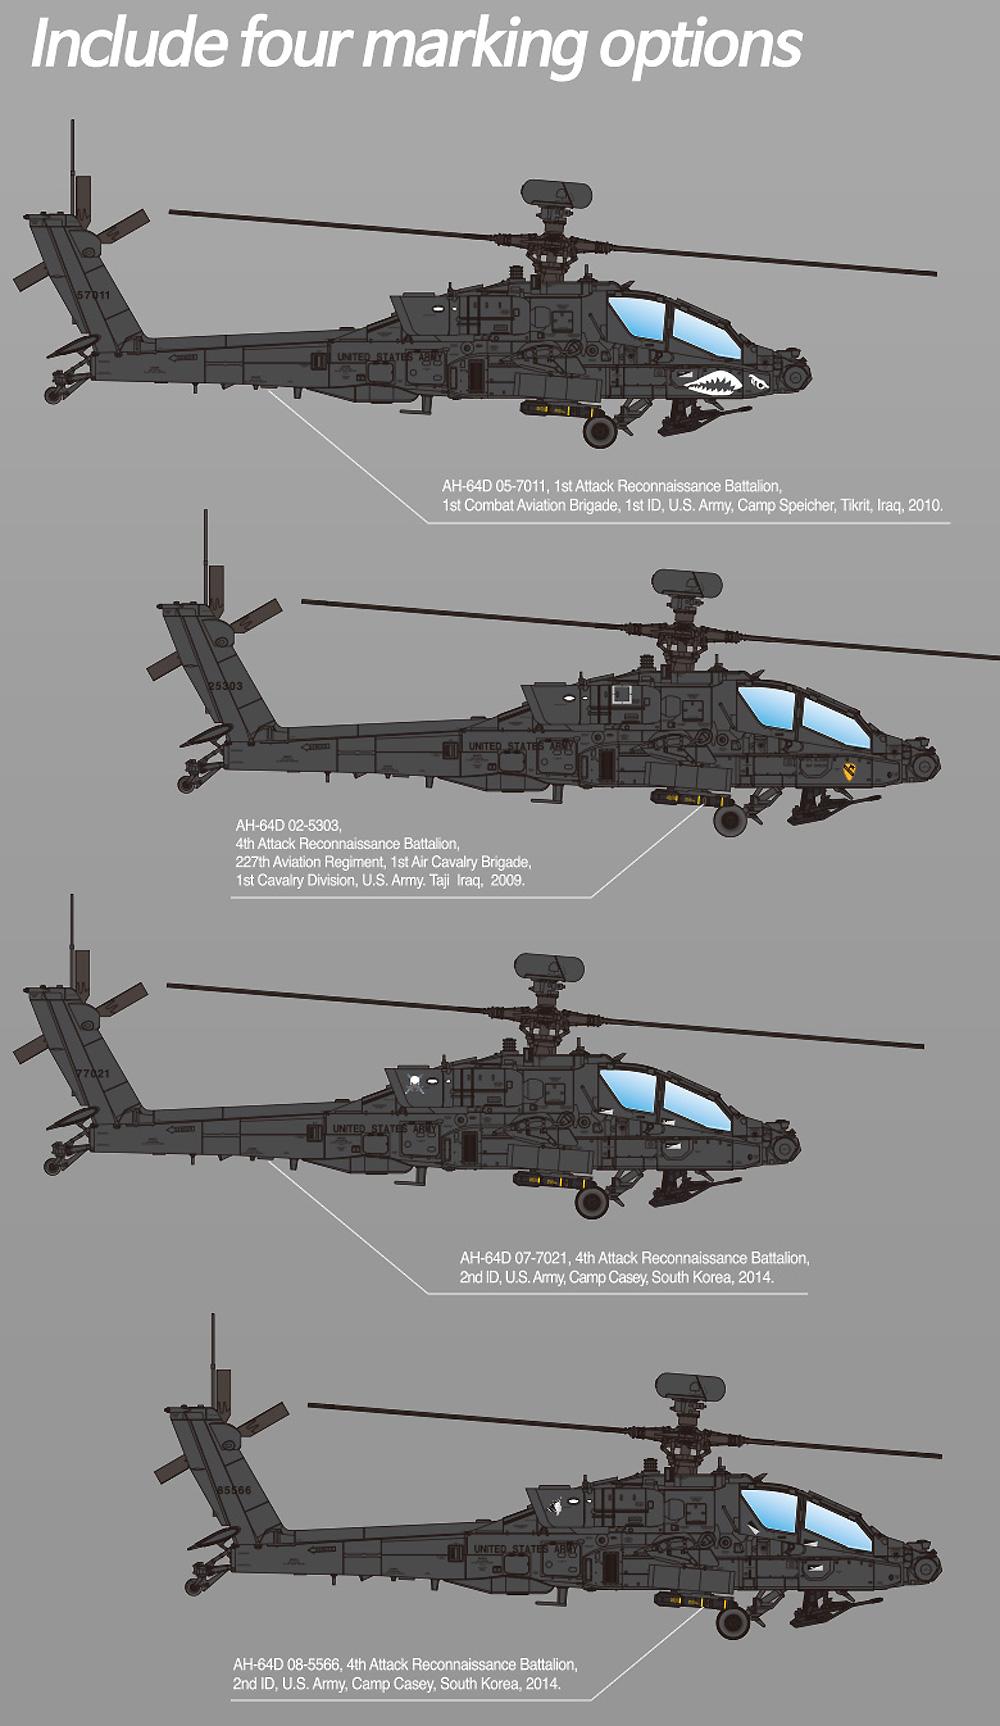 アメリカ陸軍 AH-64D アパッチ ブロック 2 後期型プラモデル(アカデミー1/72 AircraftsNo.12551)商品画像_2